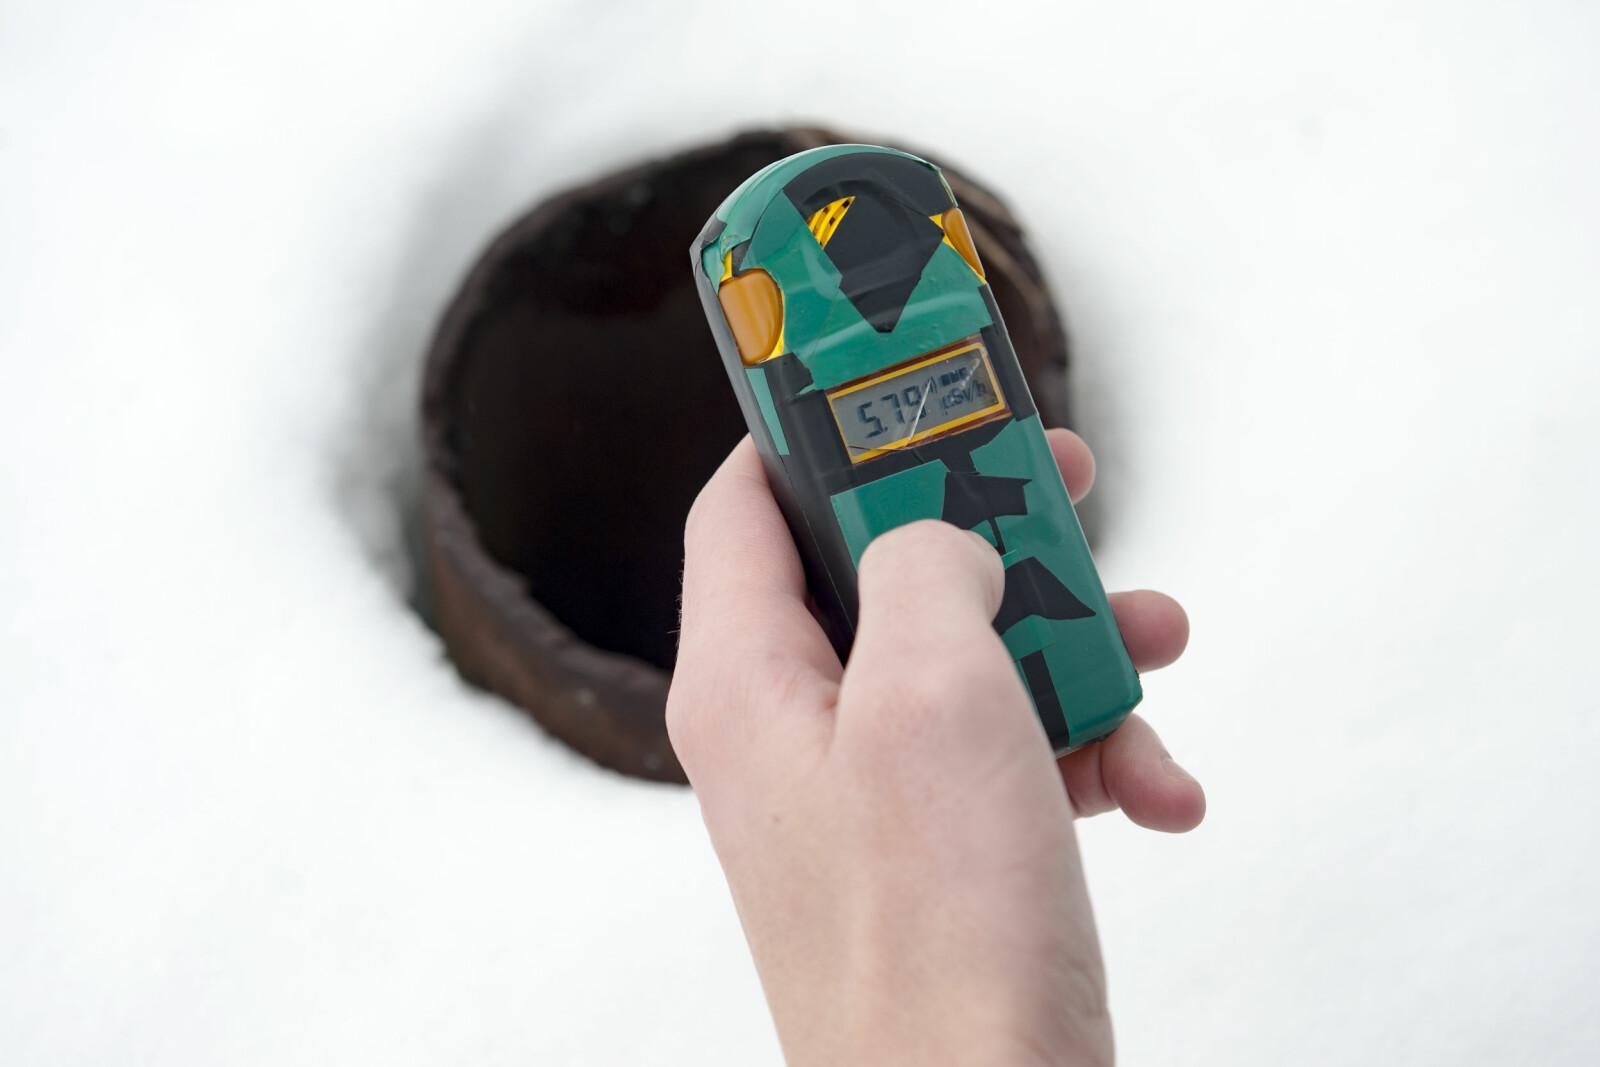 <b>SJEKK:</b> Selv om mesteparten av sikkerhetssonen man besøker har lav stråling, er det enkelte punkter med høyere radioaktivitet. Her viser strålingsdosimeteret 5,79 uSv/t. Det tilsvarer et røntgenbilde, men kan være farlig dersom en utsettes over lengre tid. Over 5 timers eksponering regnes som en dødelig dose.